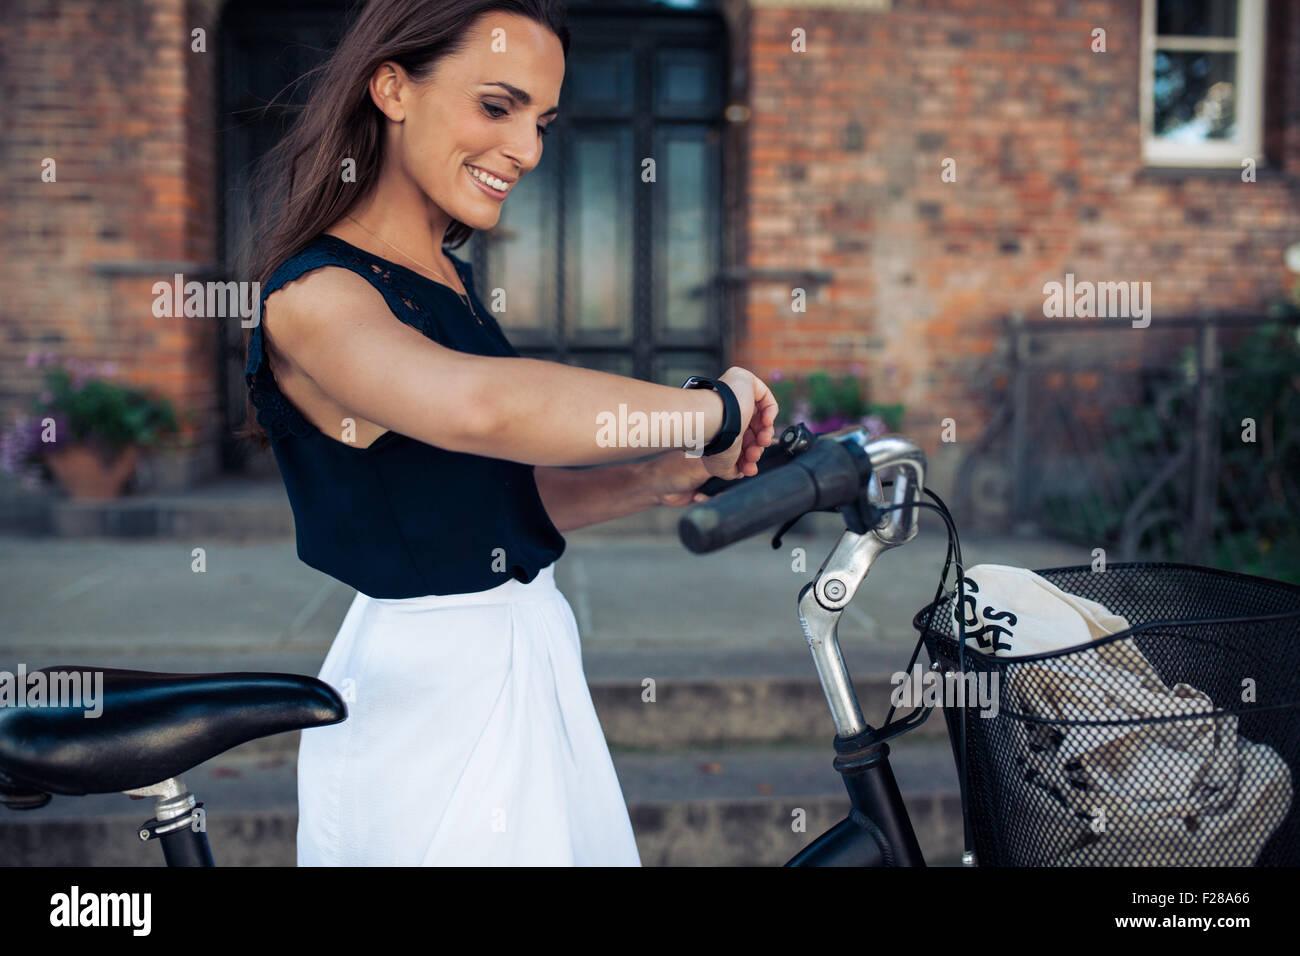 Junge Frau mit einem Fahrrad überprüfen der Zeit auf ihre Armbanduhr. Glückliche Frau mit Fahrrad Stockbild